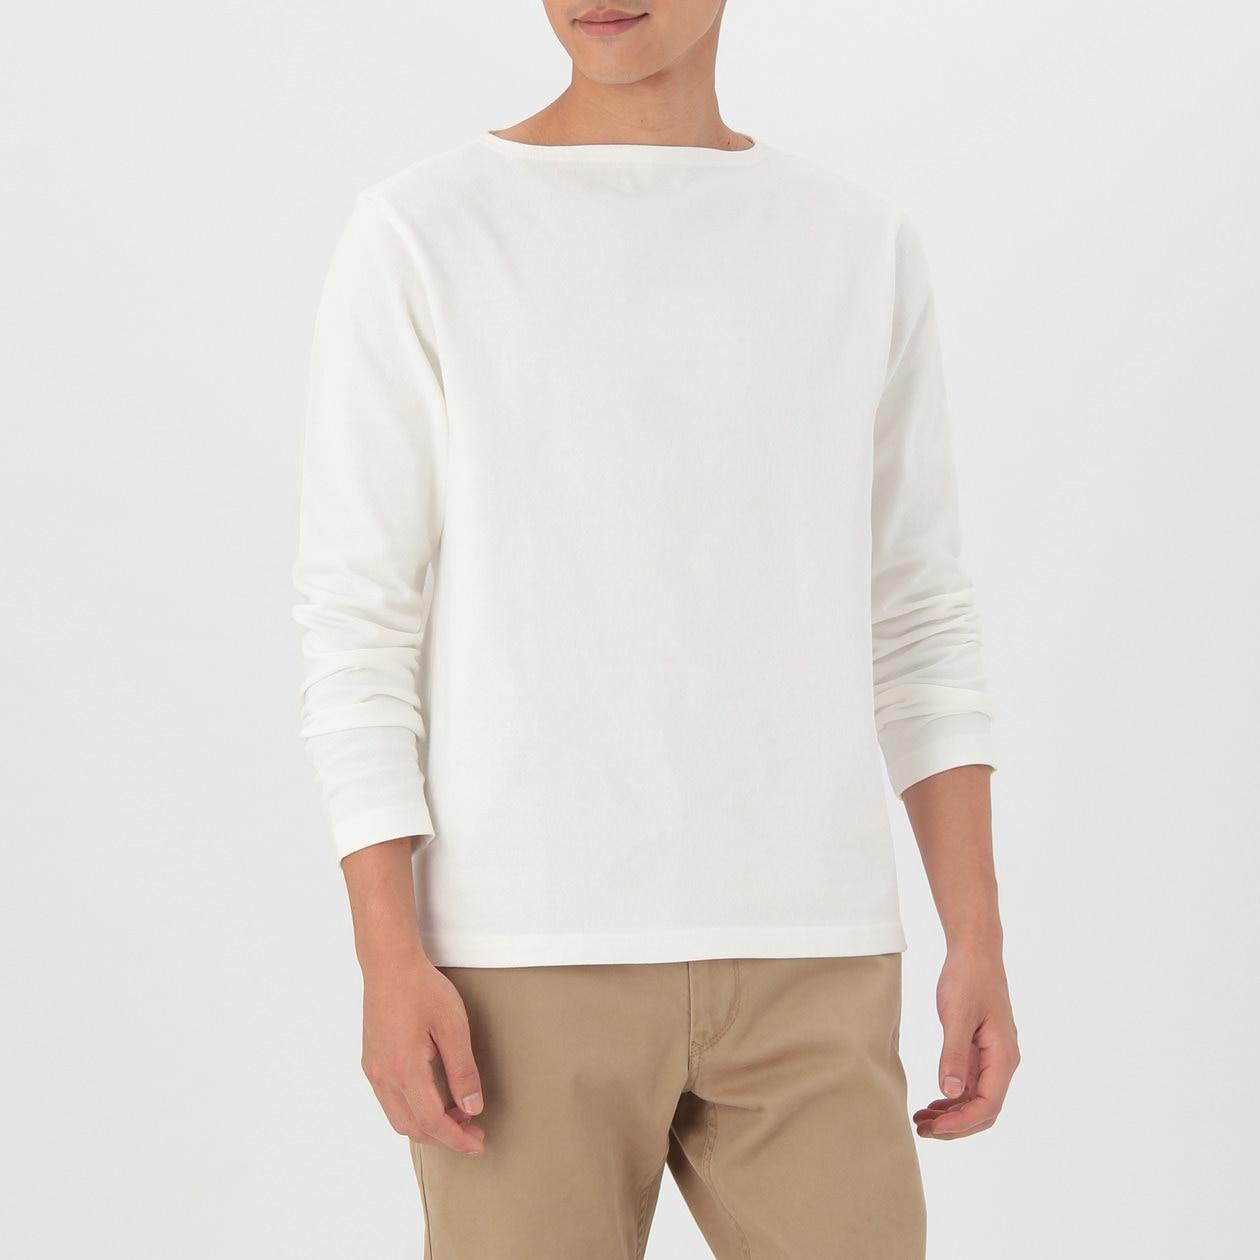 オーガニックコットン太番手長袖Tシャツ